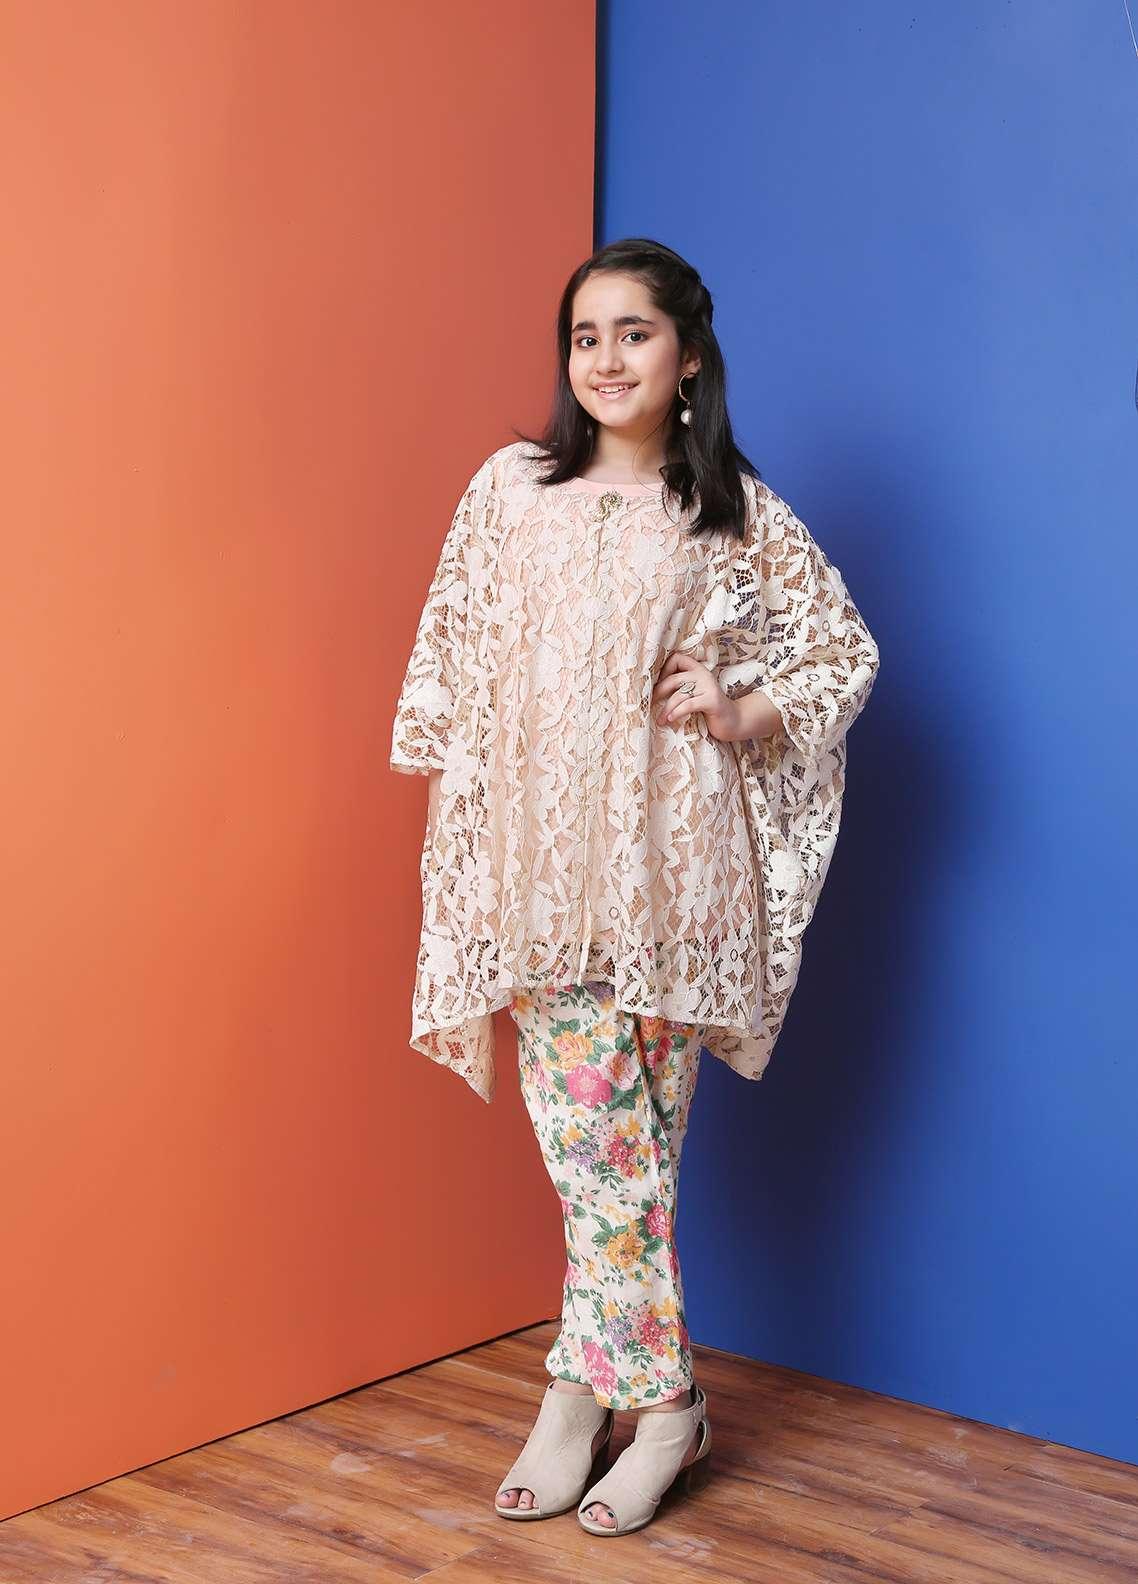 Ochre Cotton Net Formal Girls 2 Piece Suit -  OFK 619 Beige